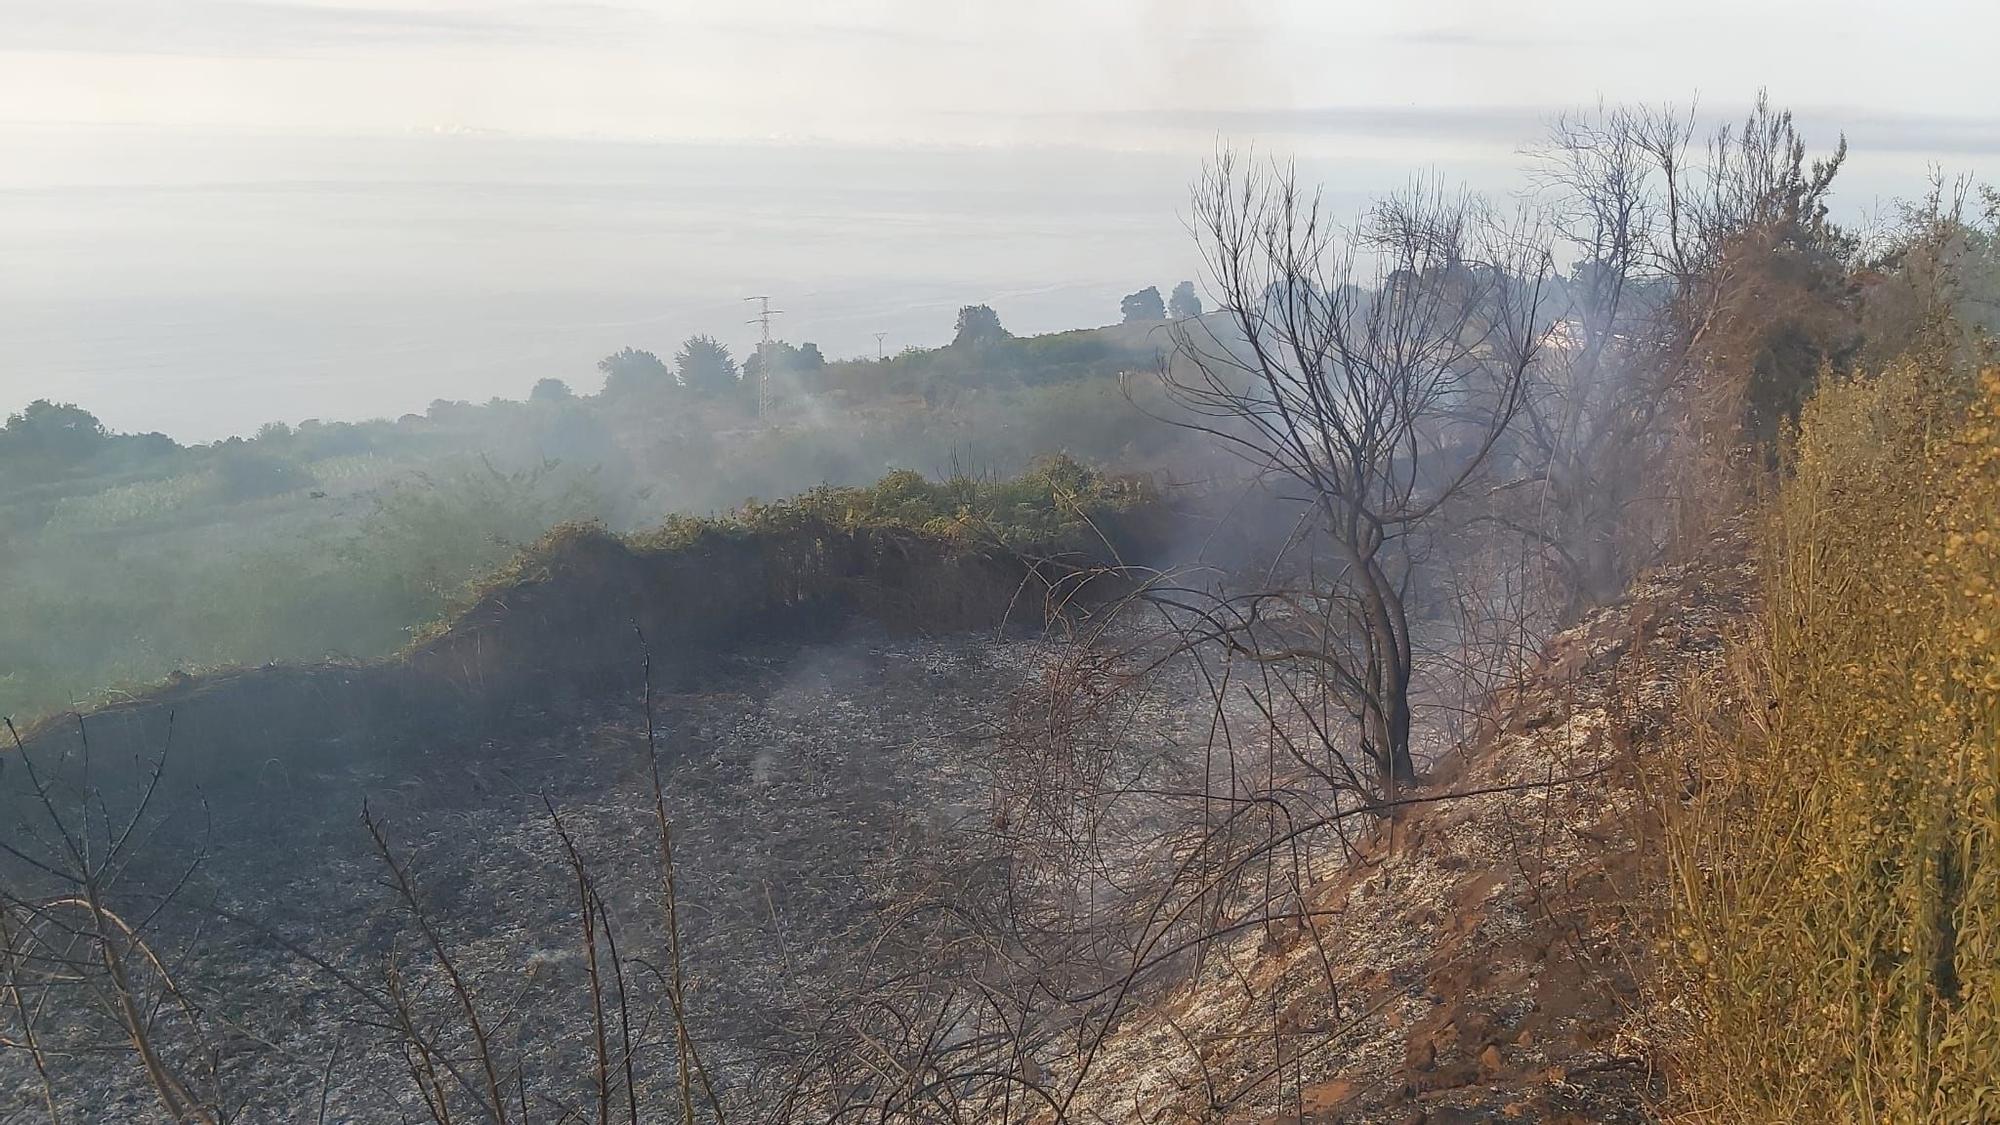 Conato de incendio en Cerrogordo, Icod de los Vinos.